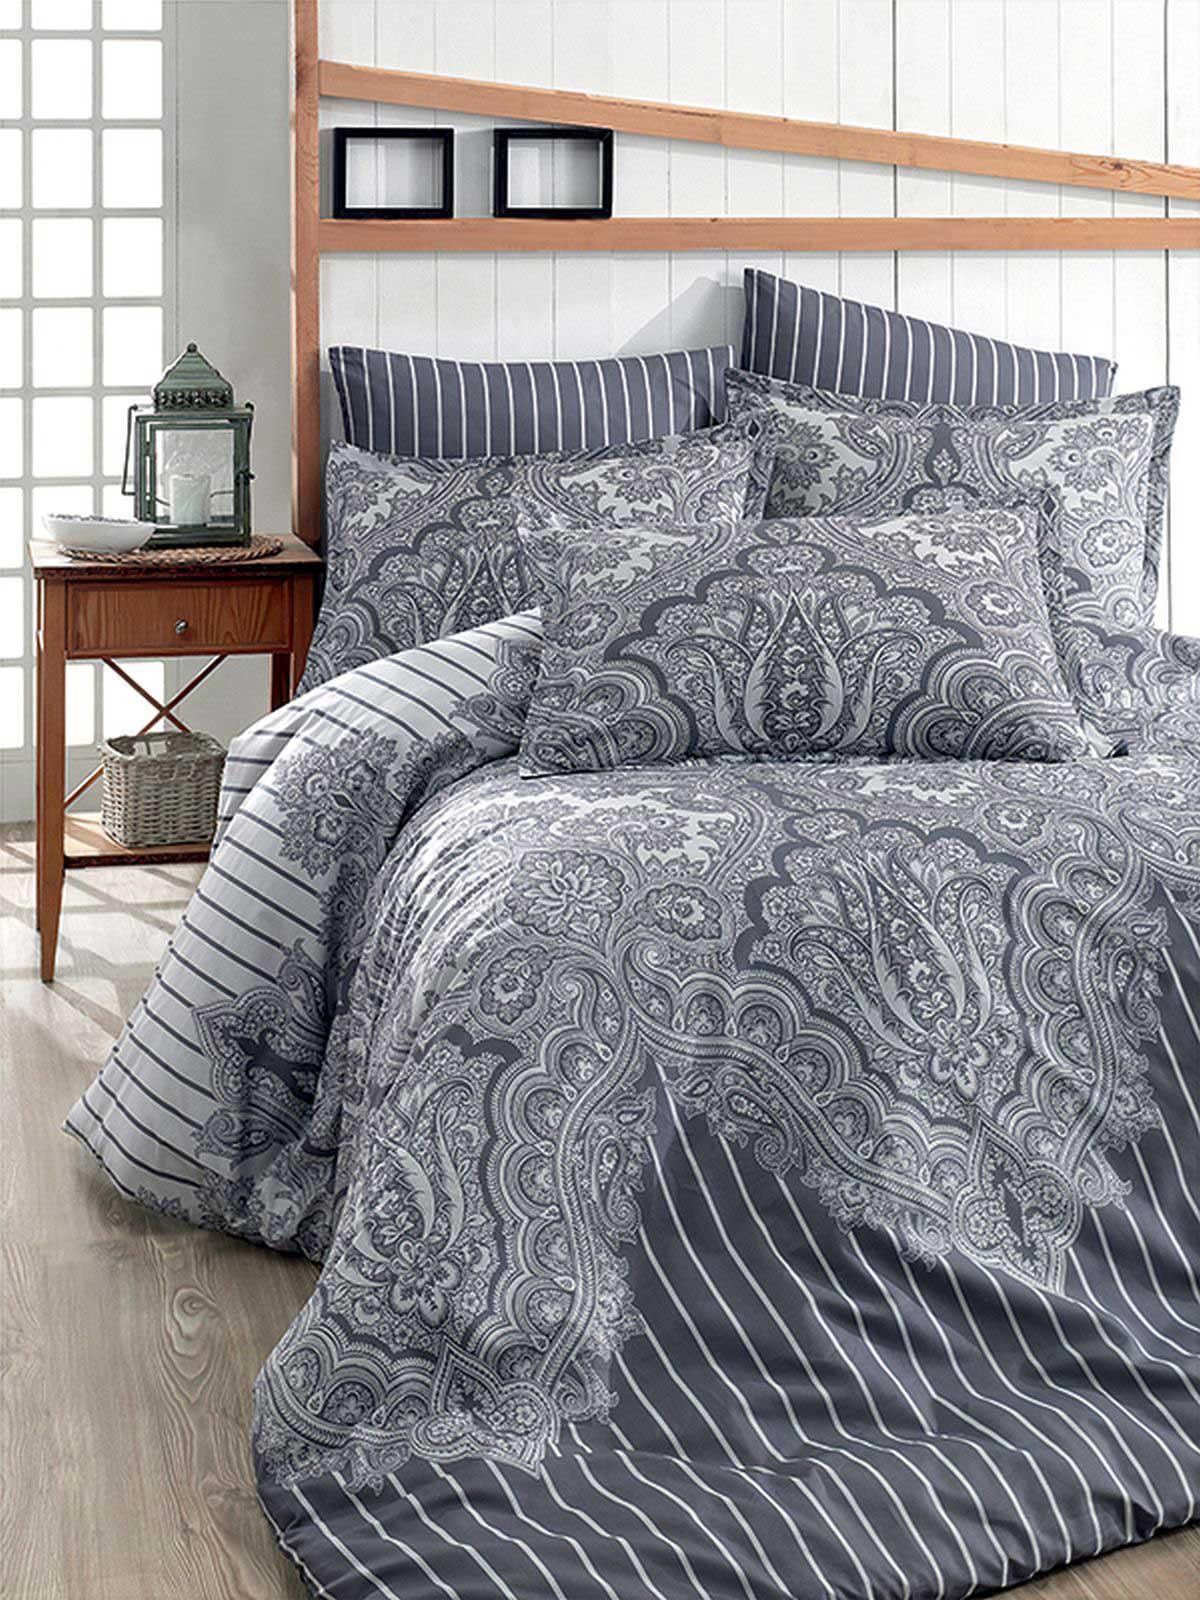 Bettwäsche 220x240 Cm Bettgarnitur Bettbezug Baumwolle Kissen 6 Tlg